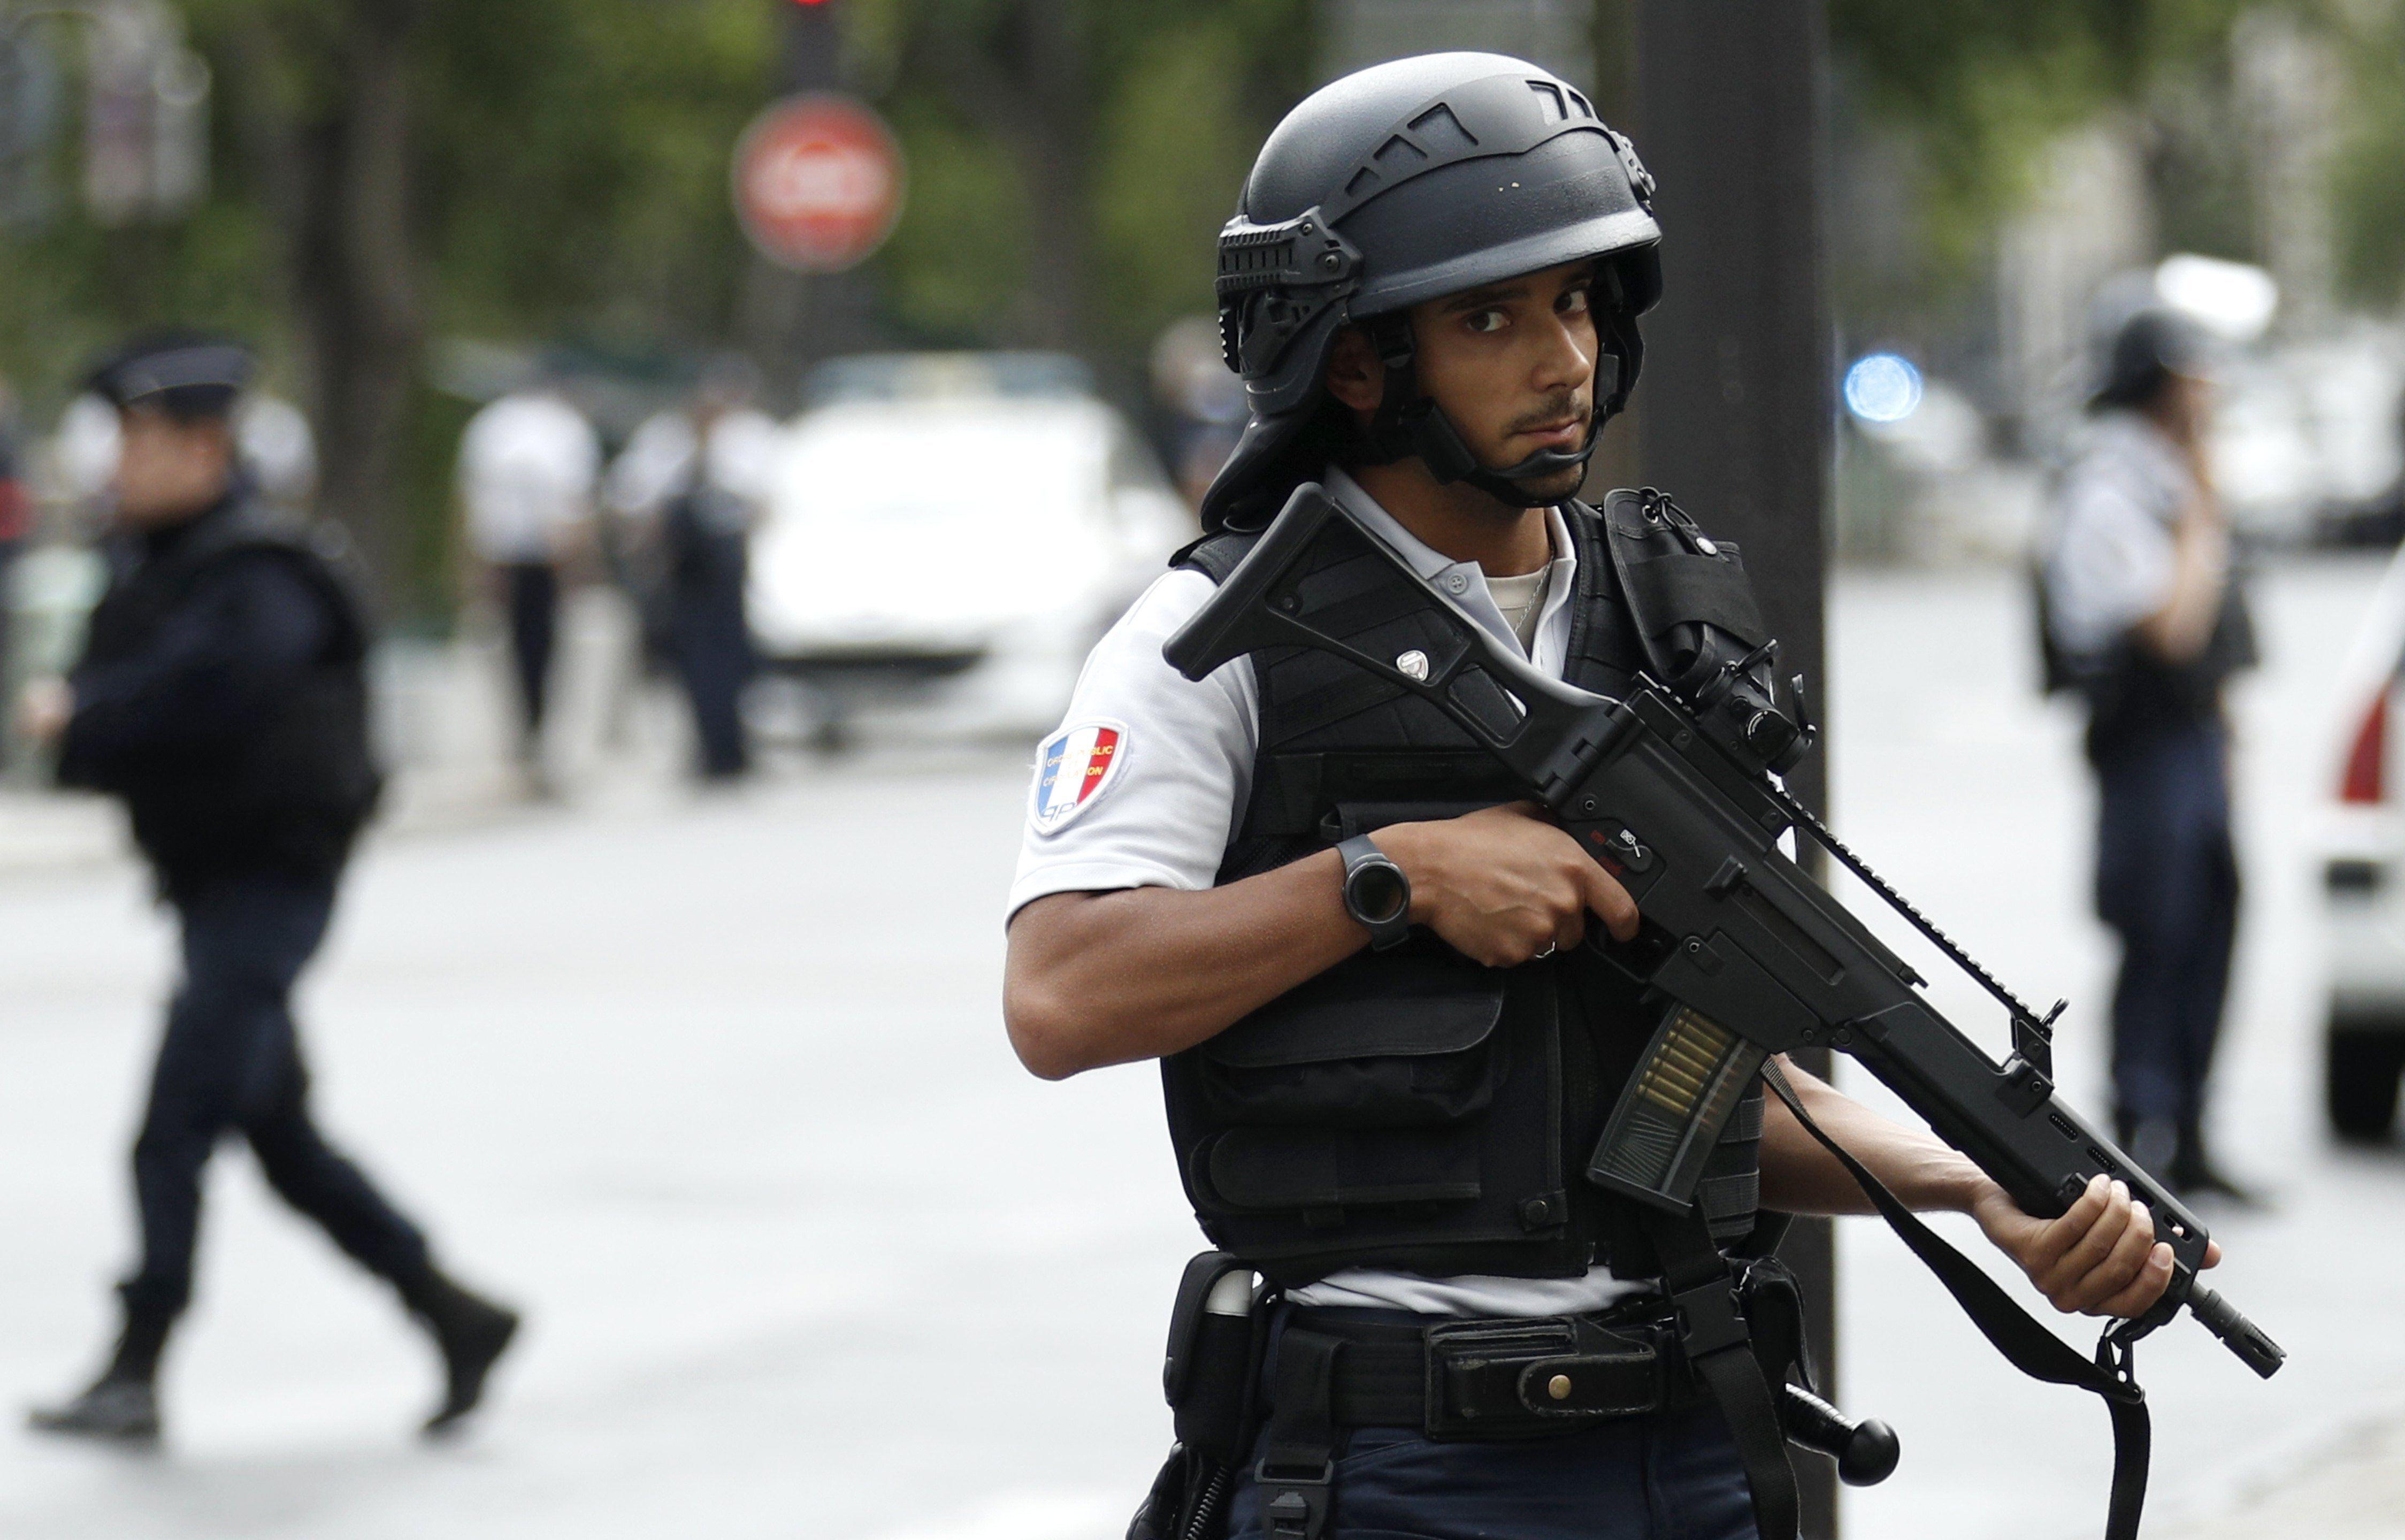 Así detuvieron al terrorista que atacó frente a la Catedral de Notre Dame